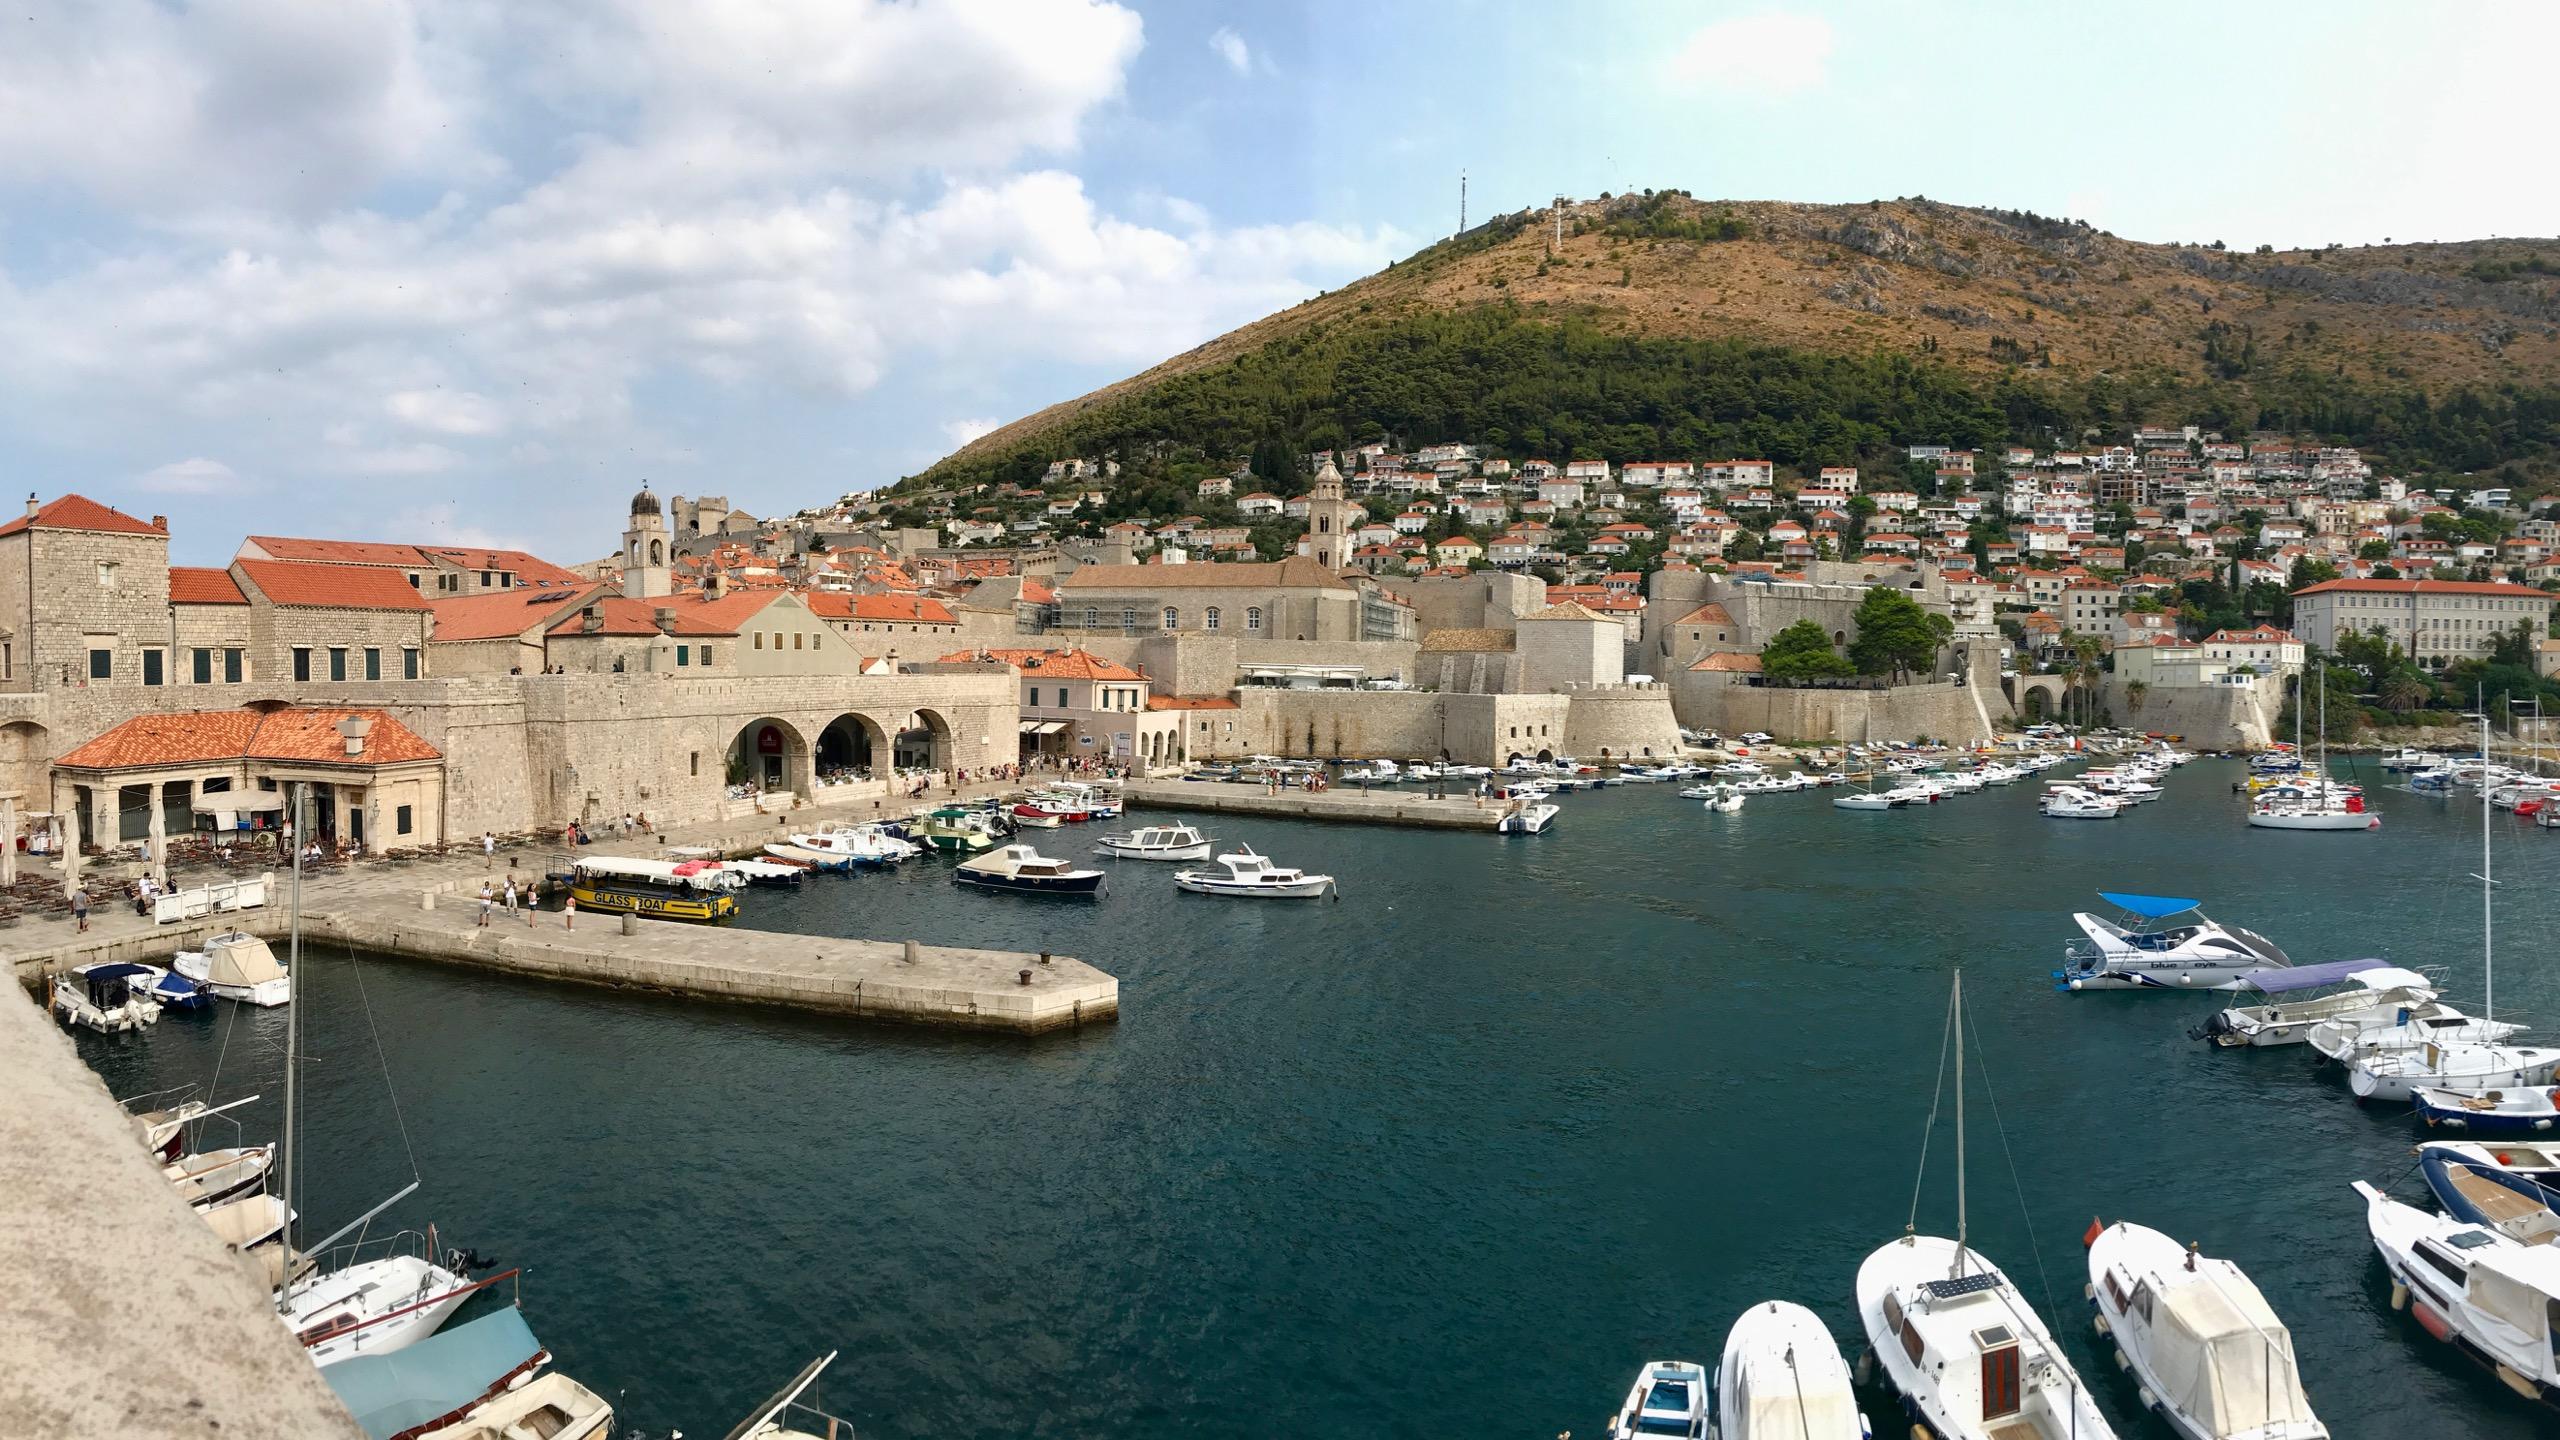 Dubrovnik Altstadt mit Blick auf den Hafen, viele Boote ruhen auf dem sanften türkisblauen Meer